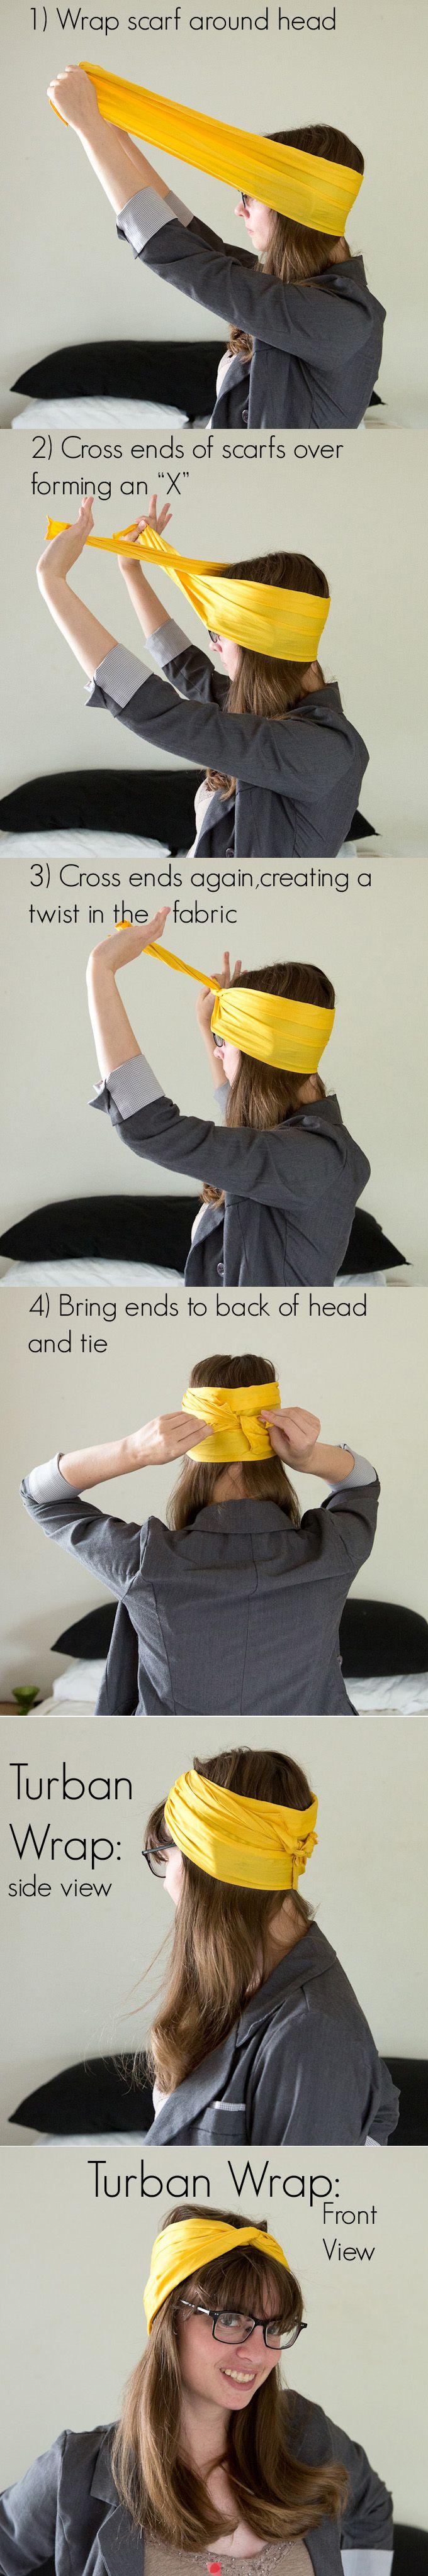 cómo lucir un turbante